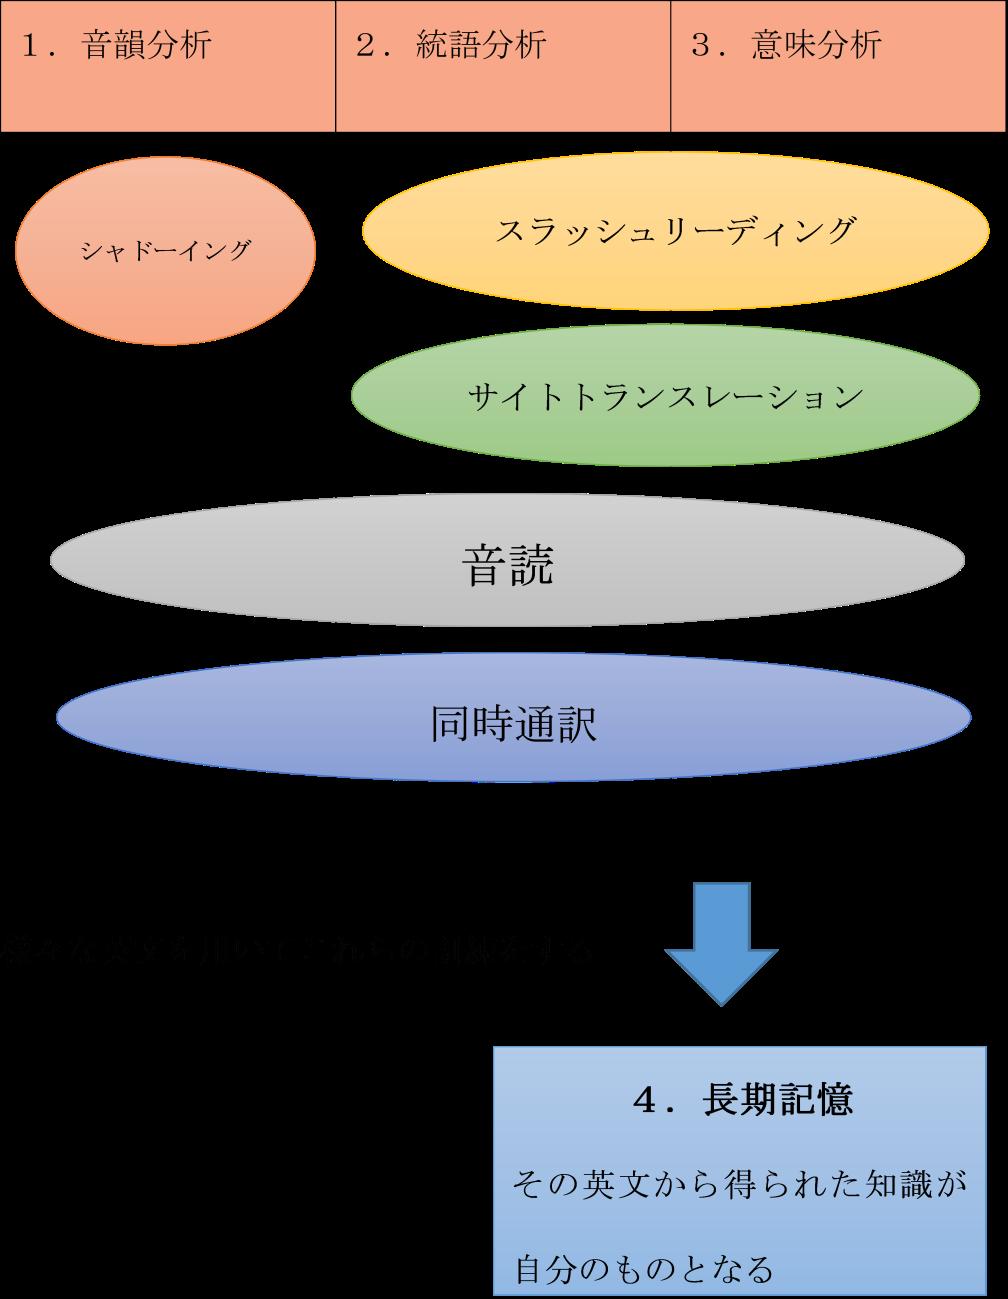 図3.png